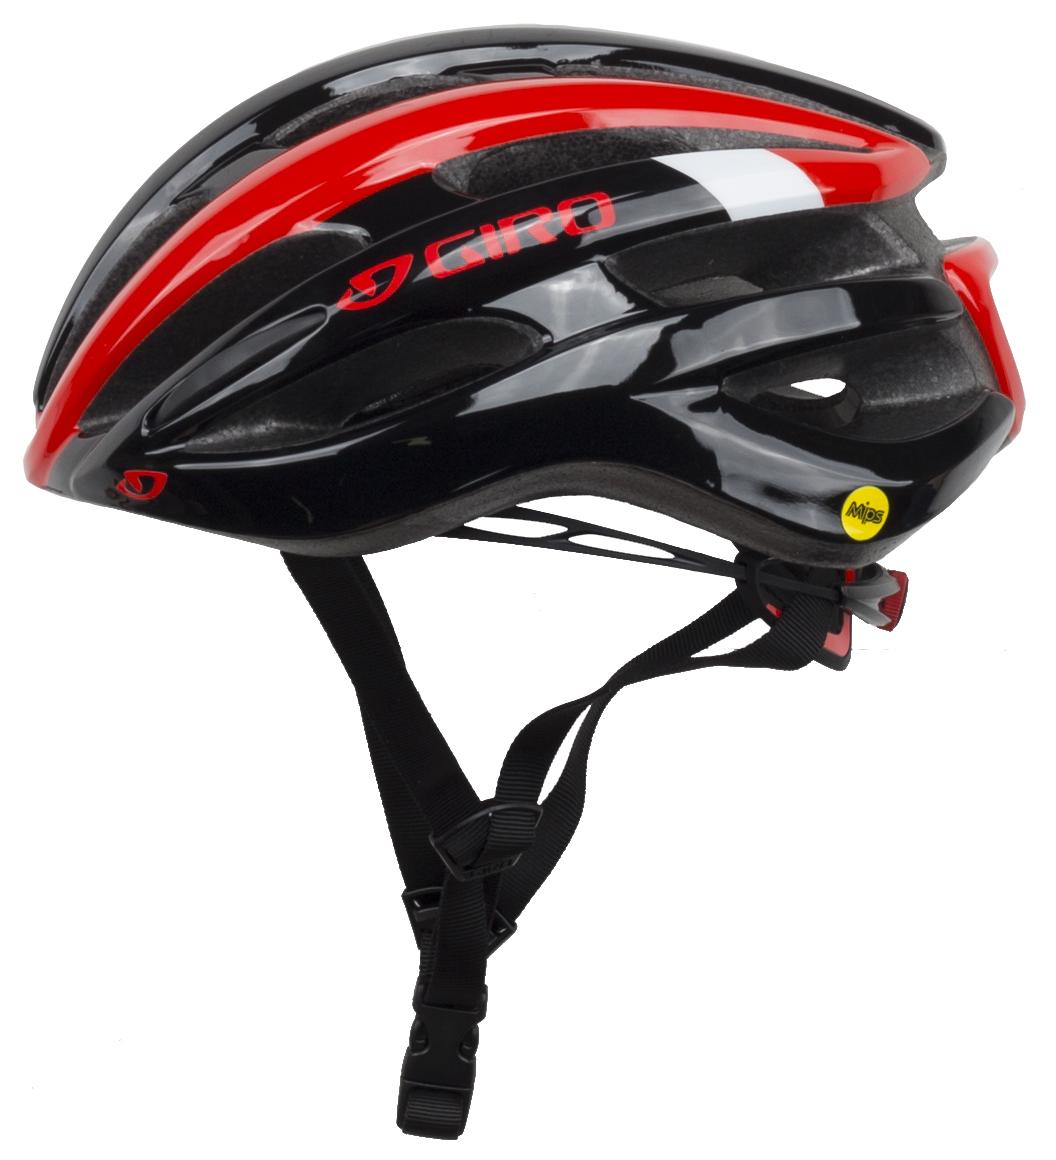 Giro Cyprus MIPS Road Helmet